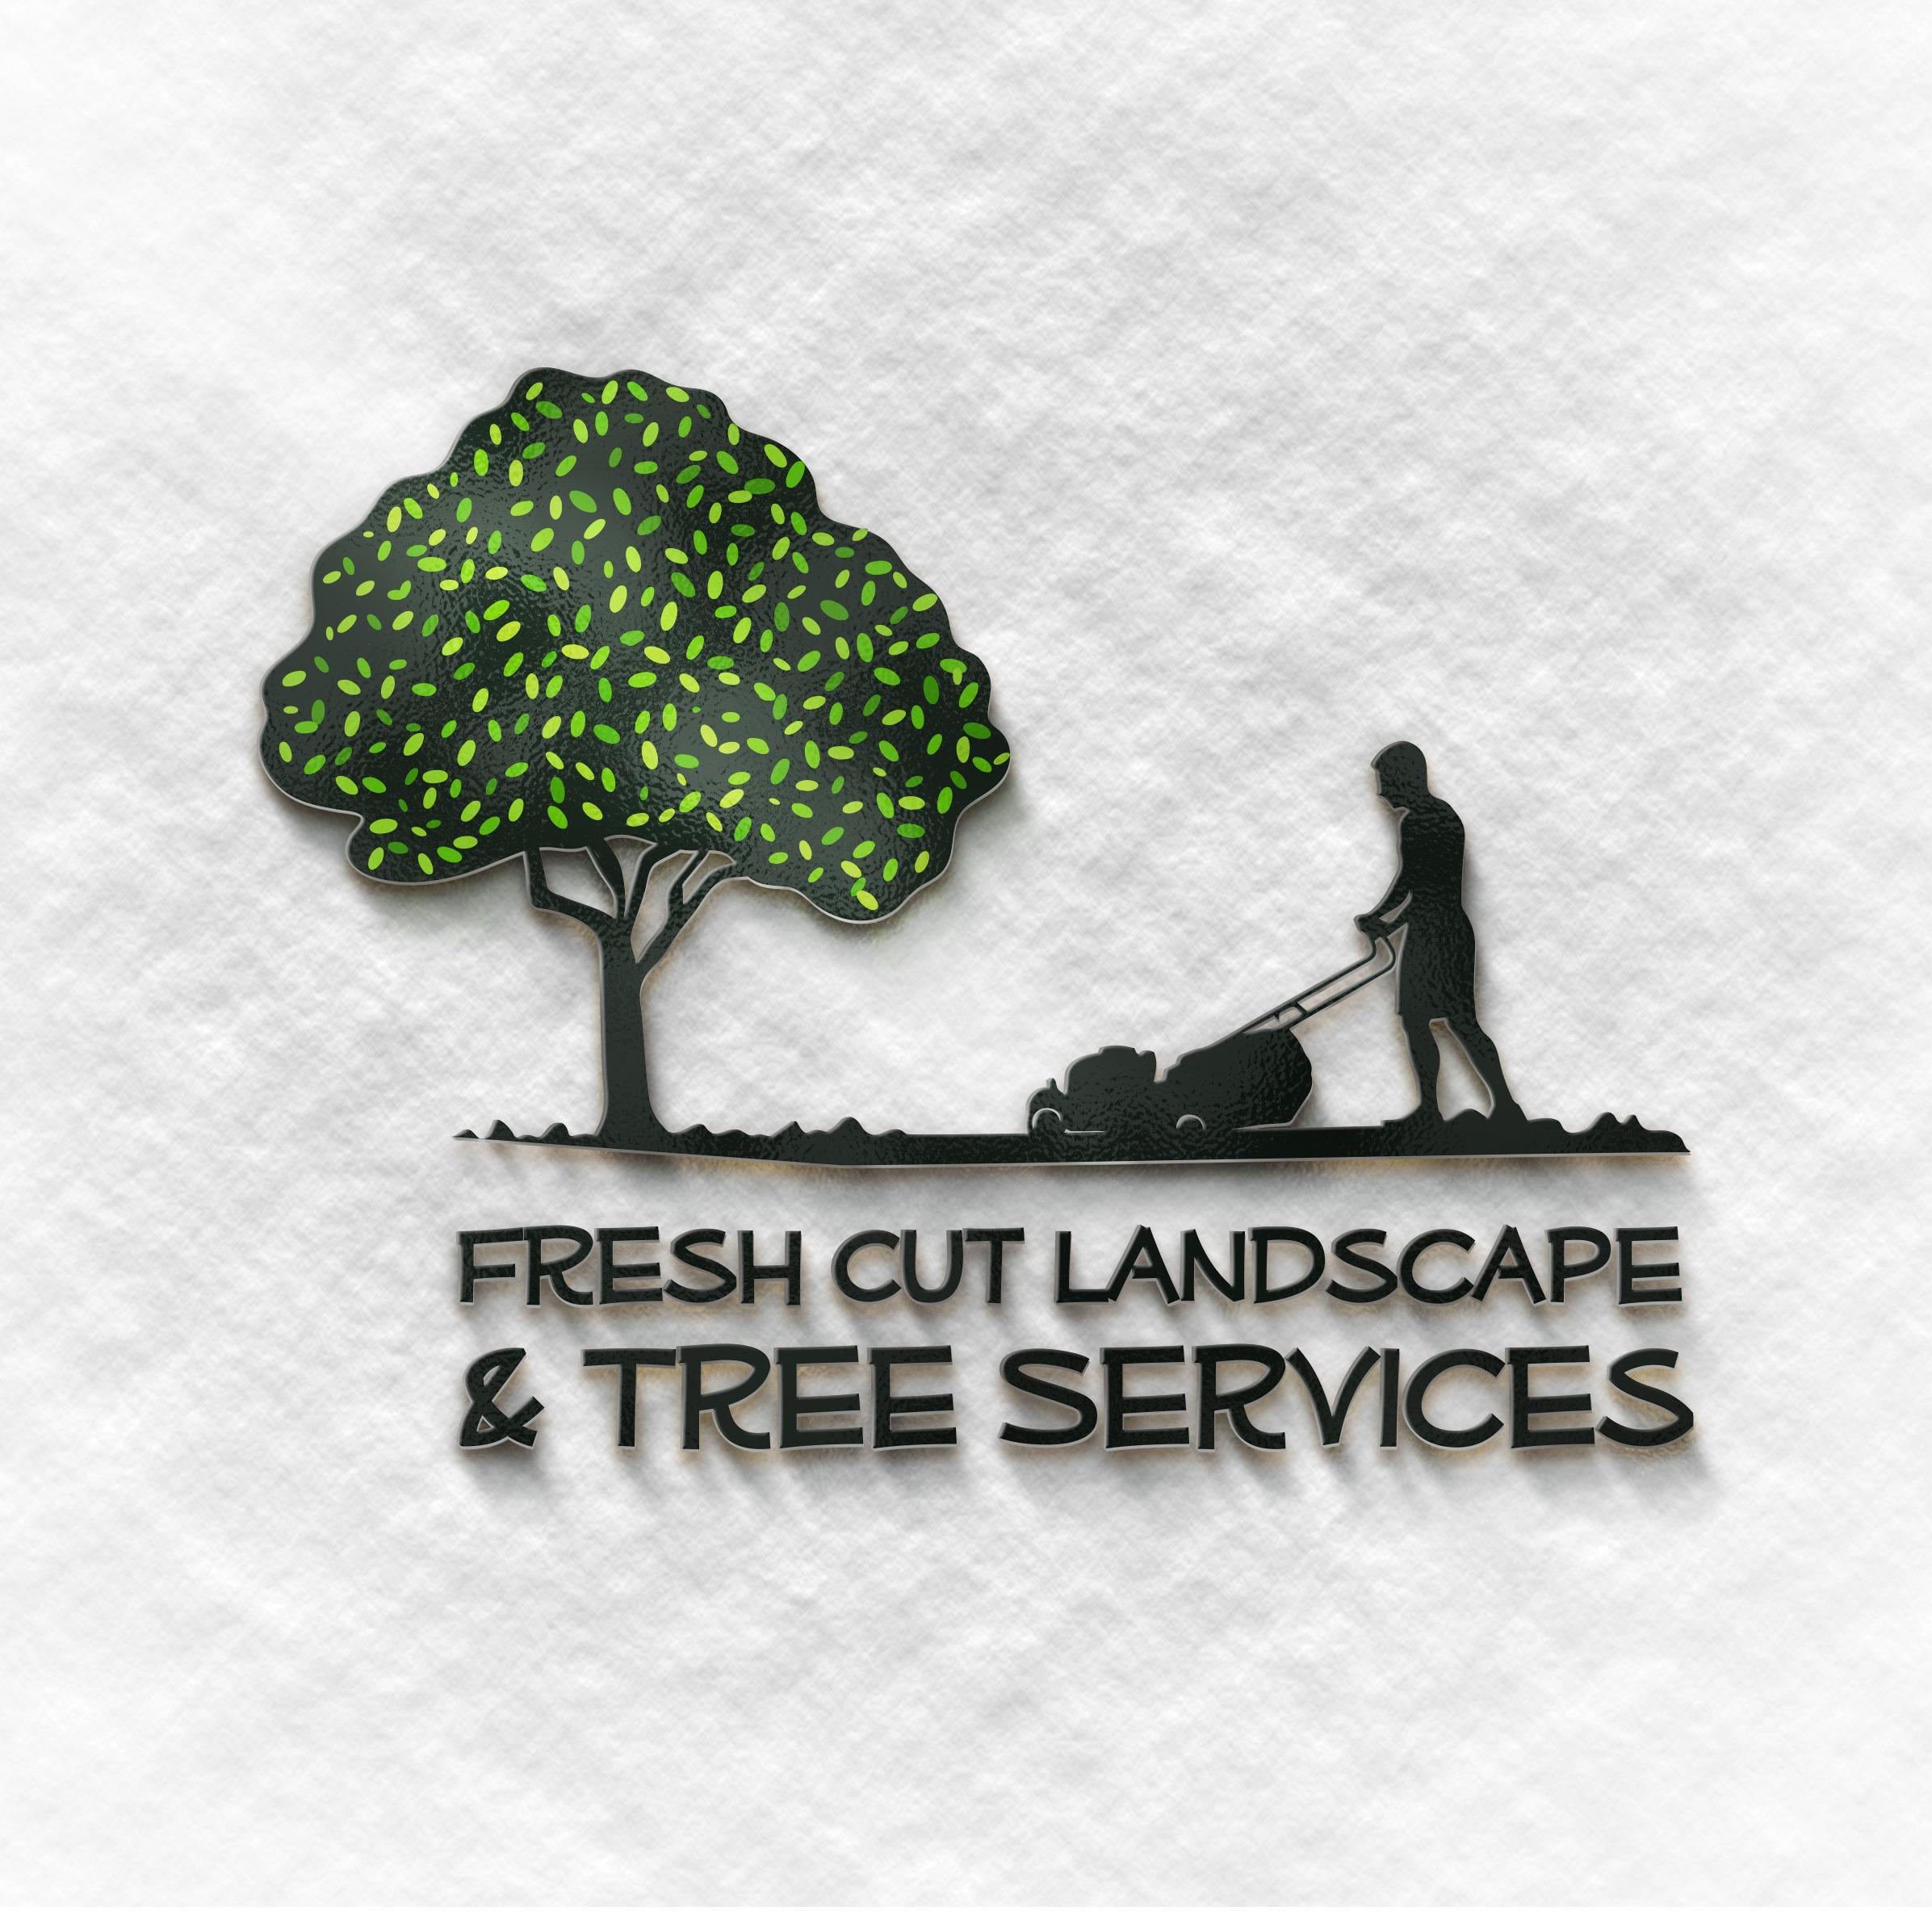 Fresh Cut Landscape & Tree Services